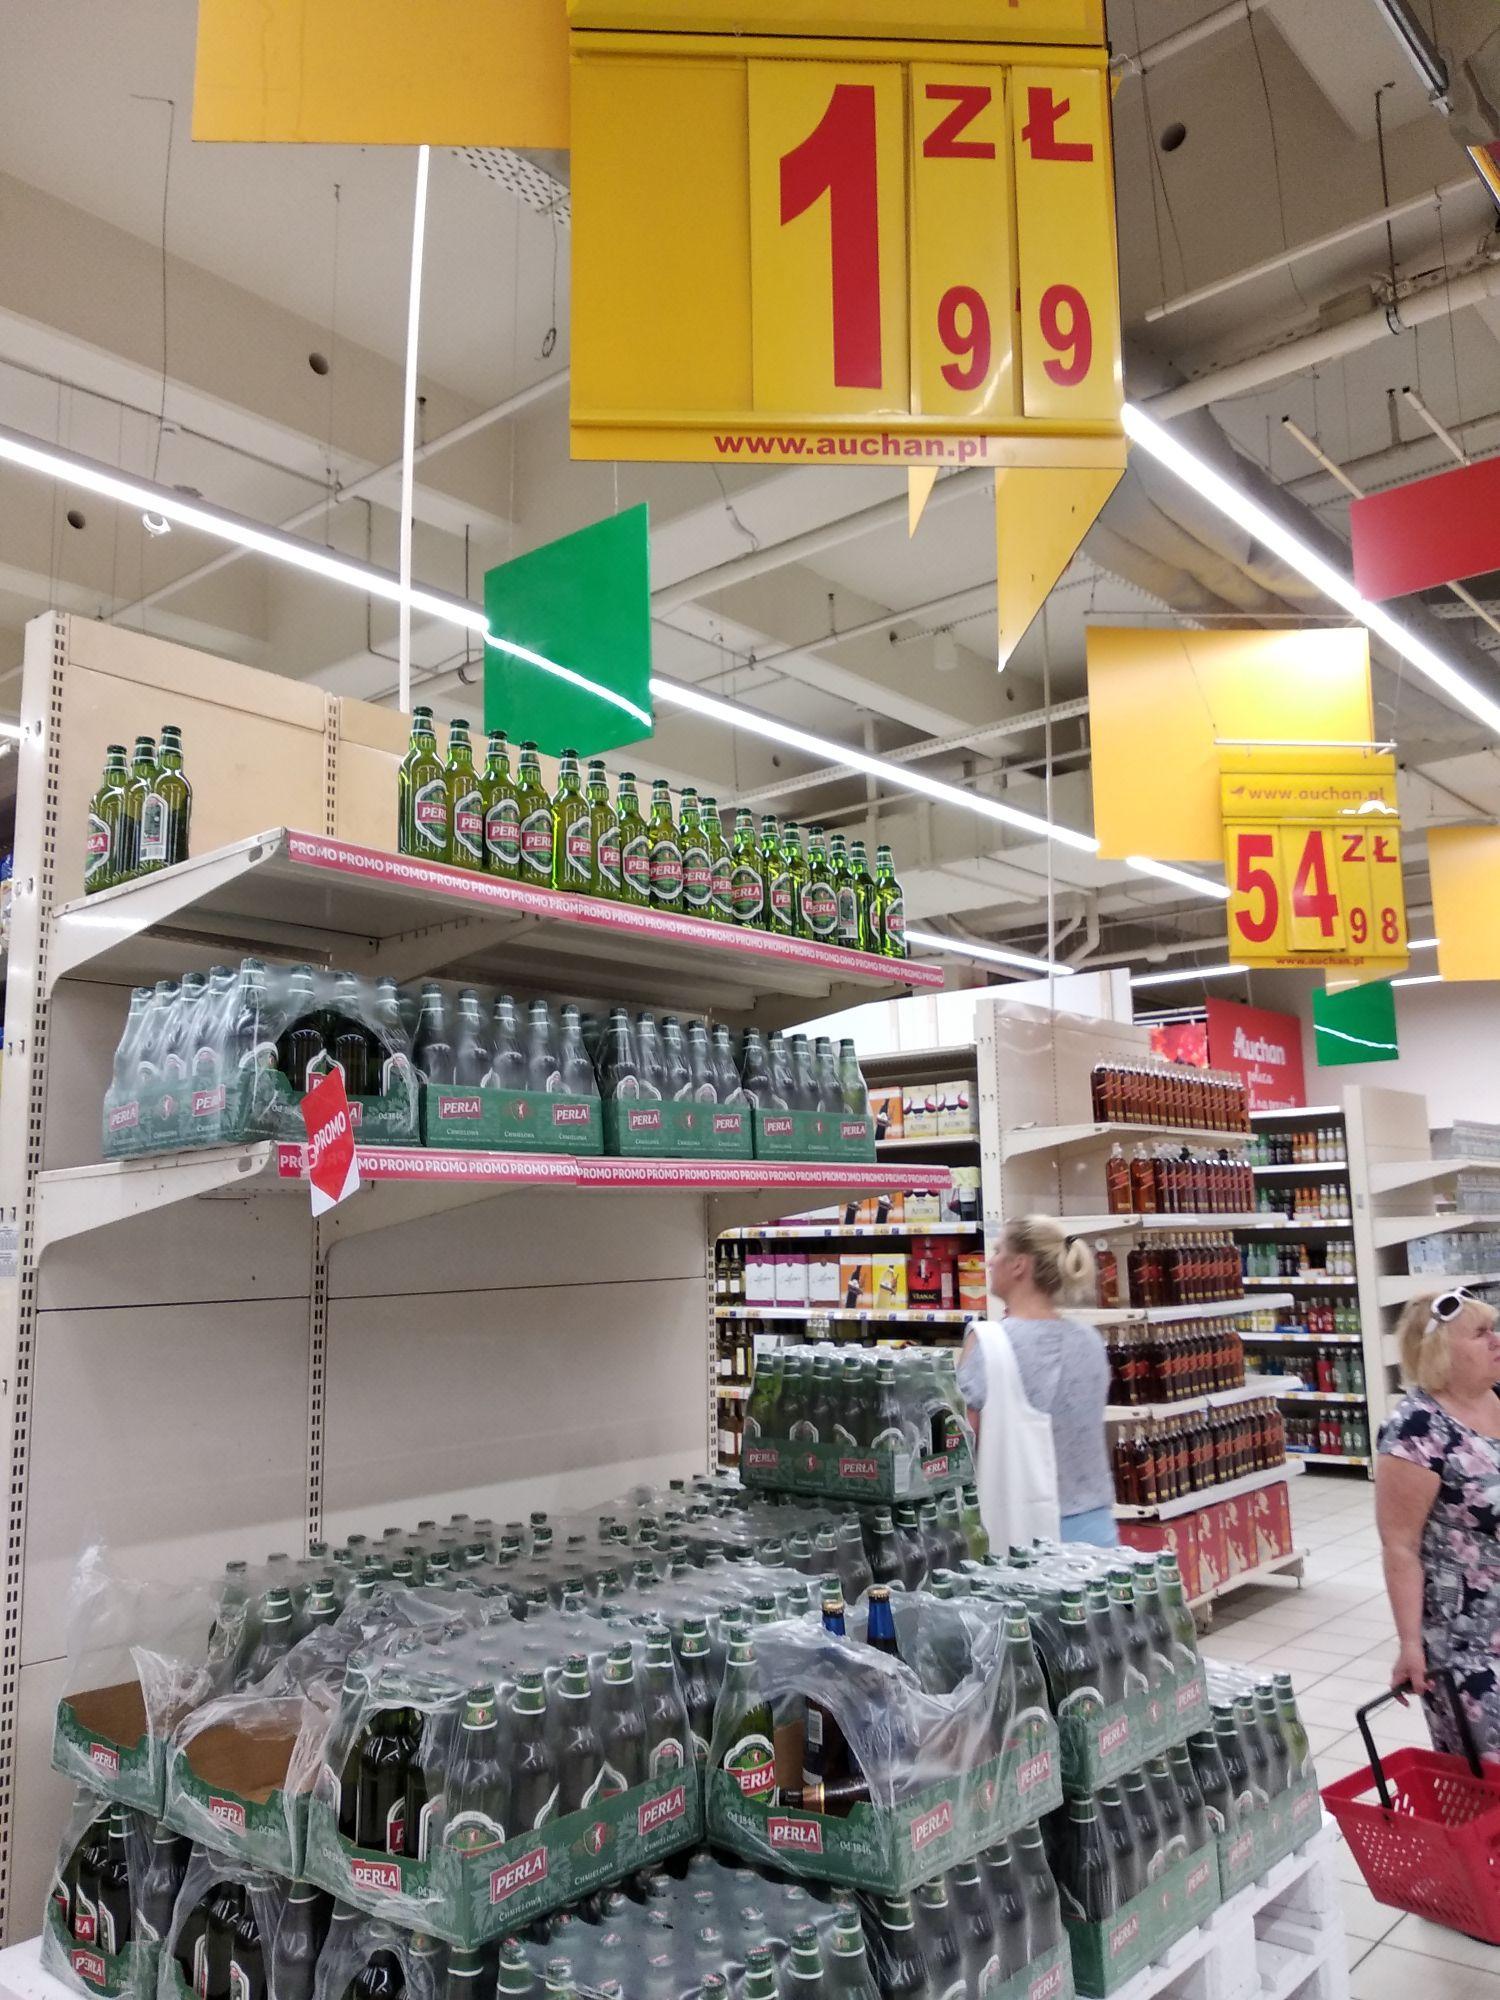 Piwo Perła Chmielowa, Auchan